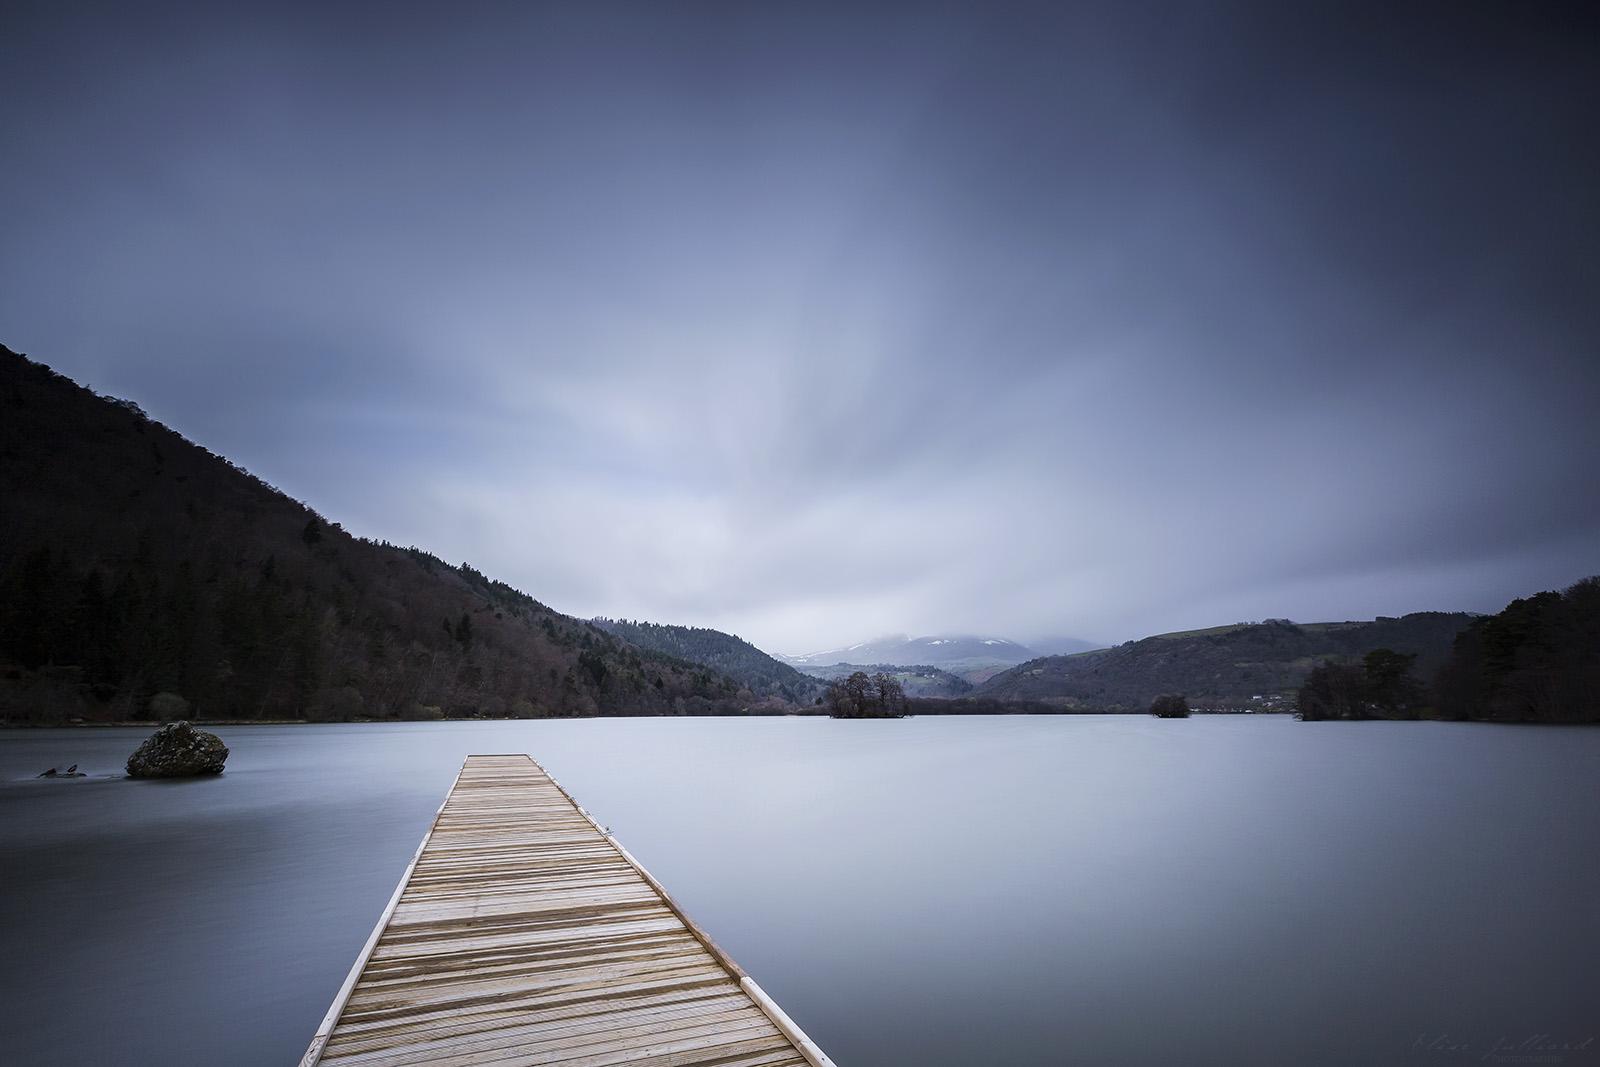 lac-chambon-auvergne-rhone-alpes-puy-de-dome-clermont-ferrand-paysage-elise-julliard-photographe-photo-pause-longue-massif-puy-de-sancy-volcan-mont-dore-massif-central